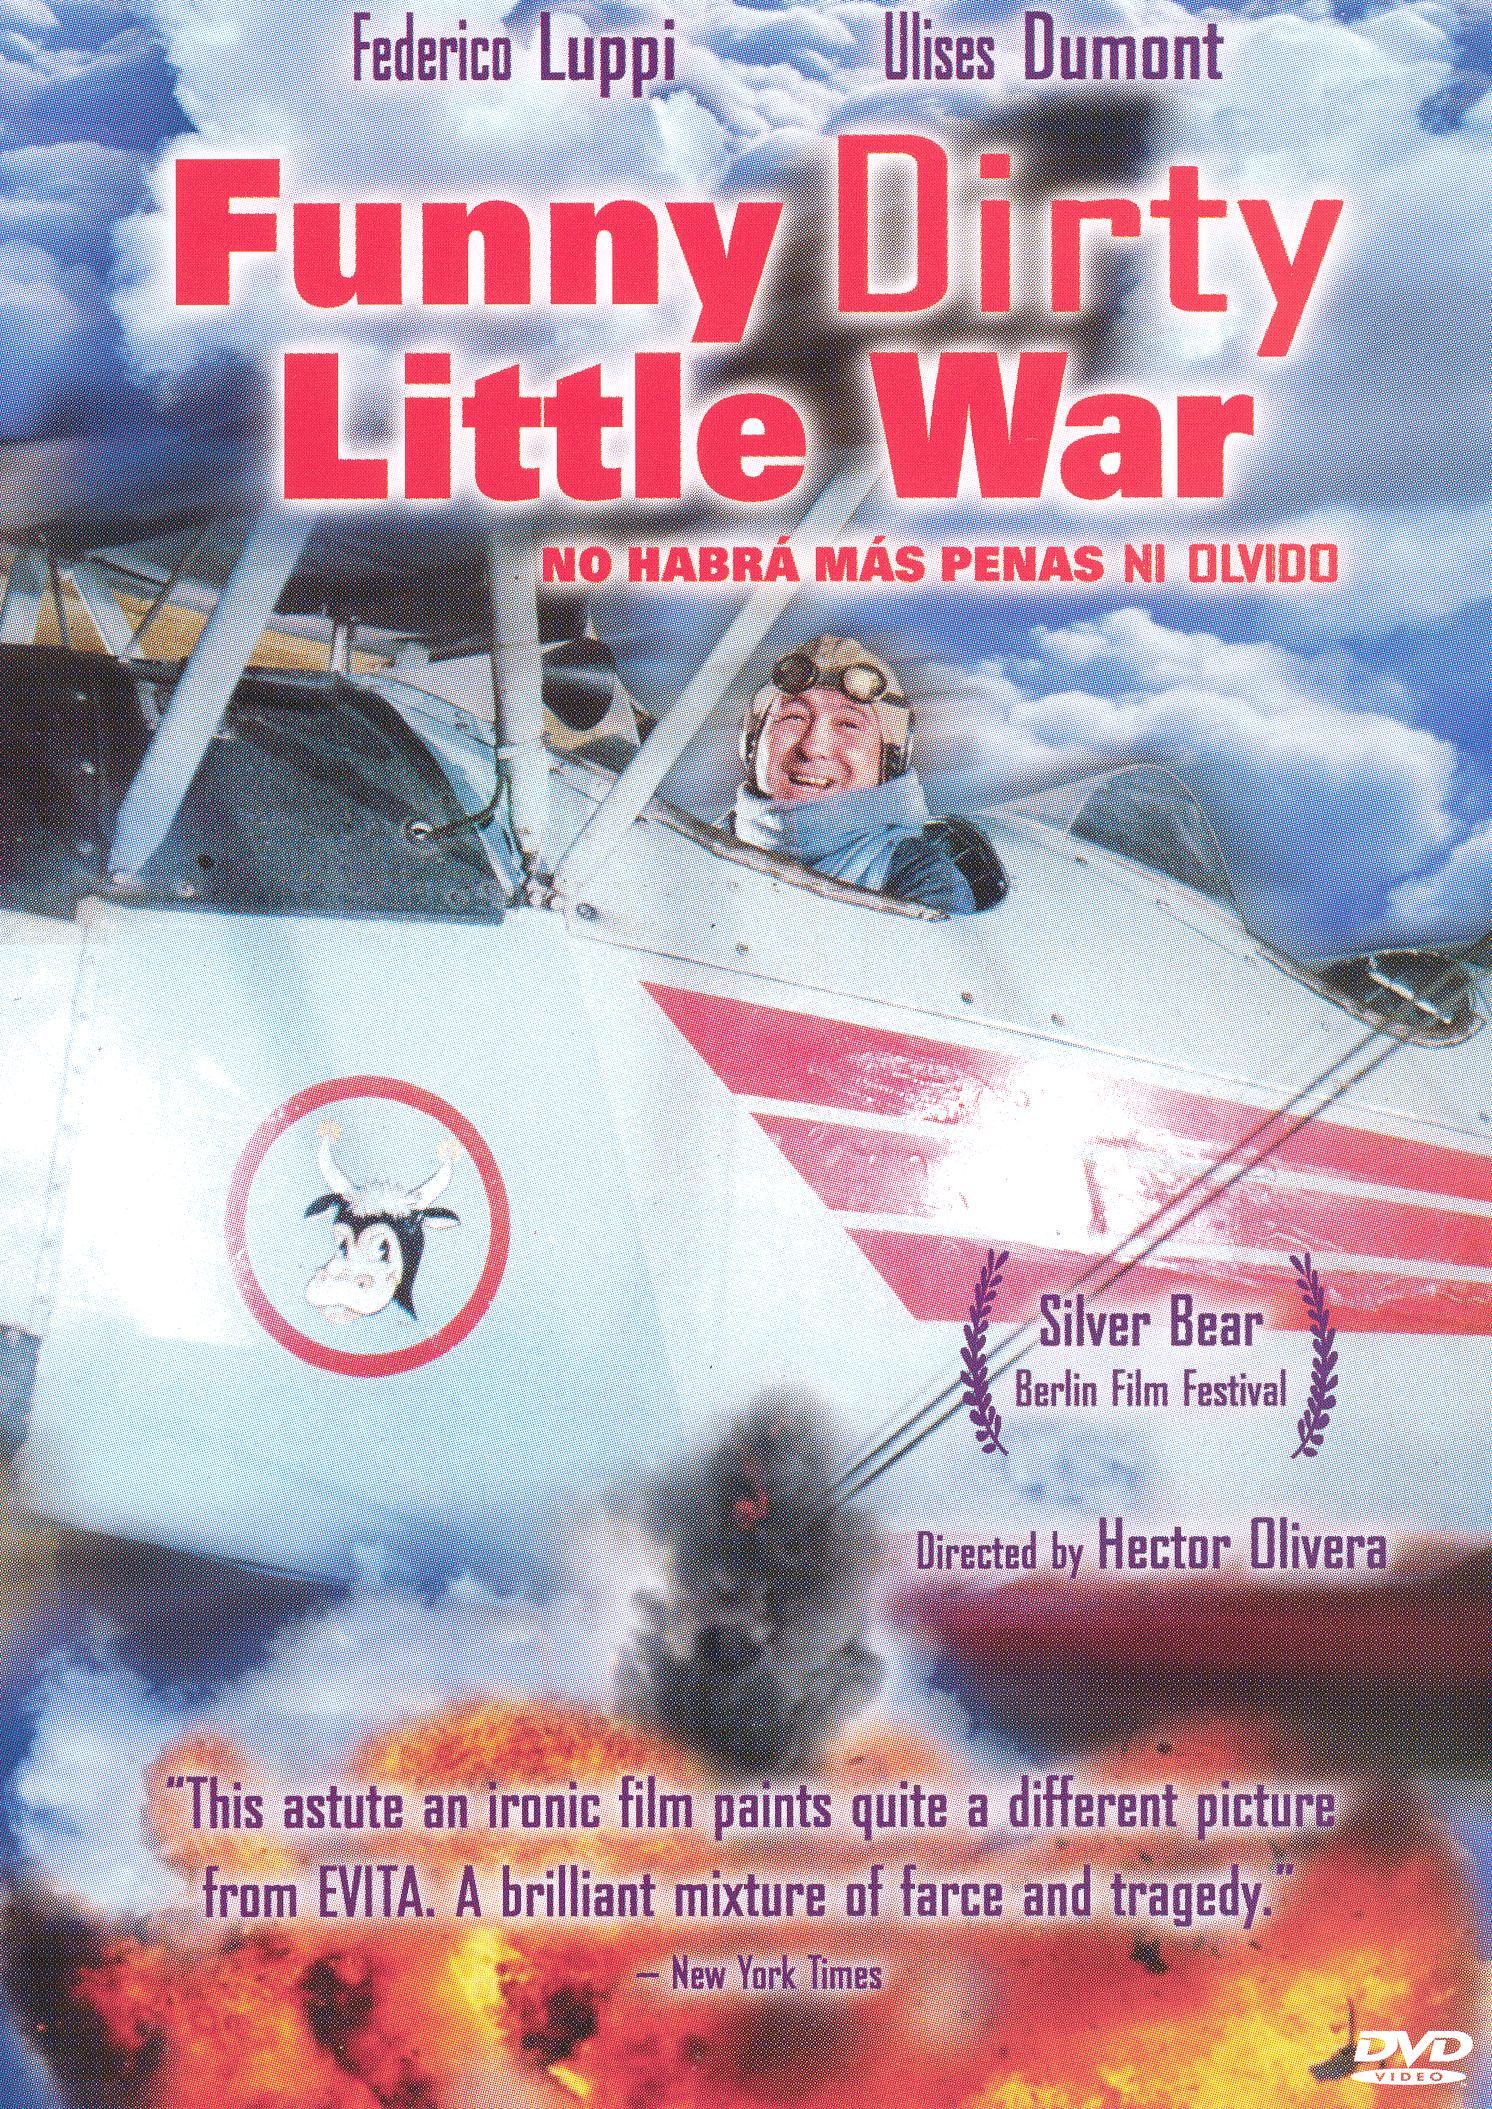 A Funny Dirty Little War